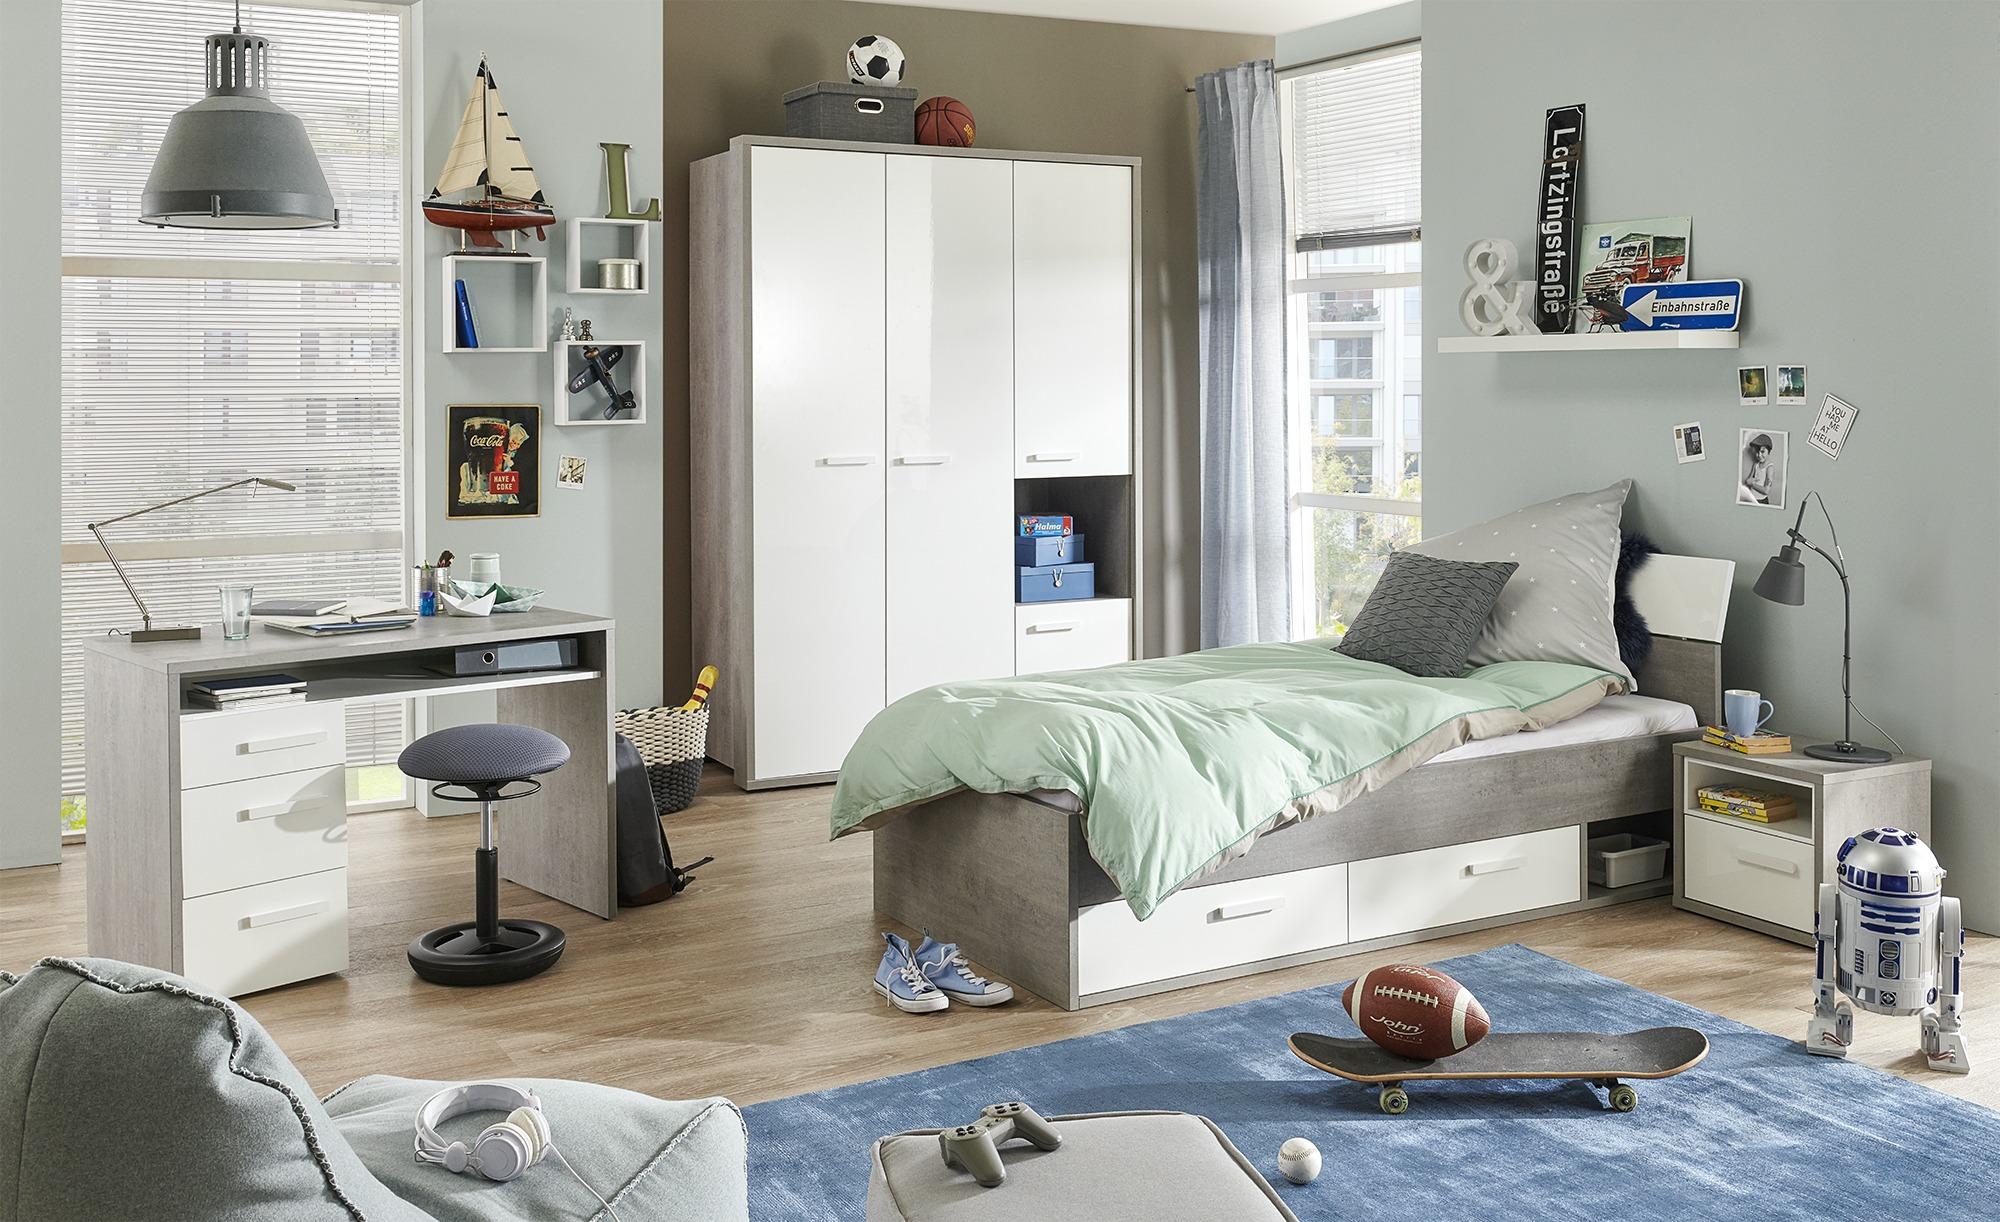 Jugendzimmer in Betonoptik und Hochglanz